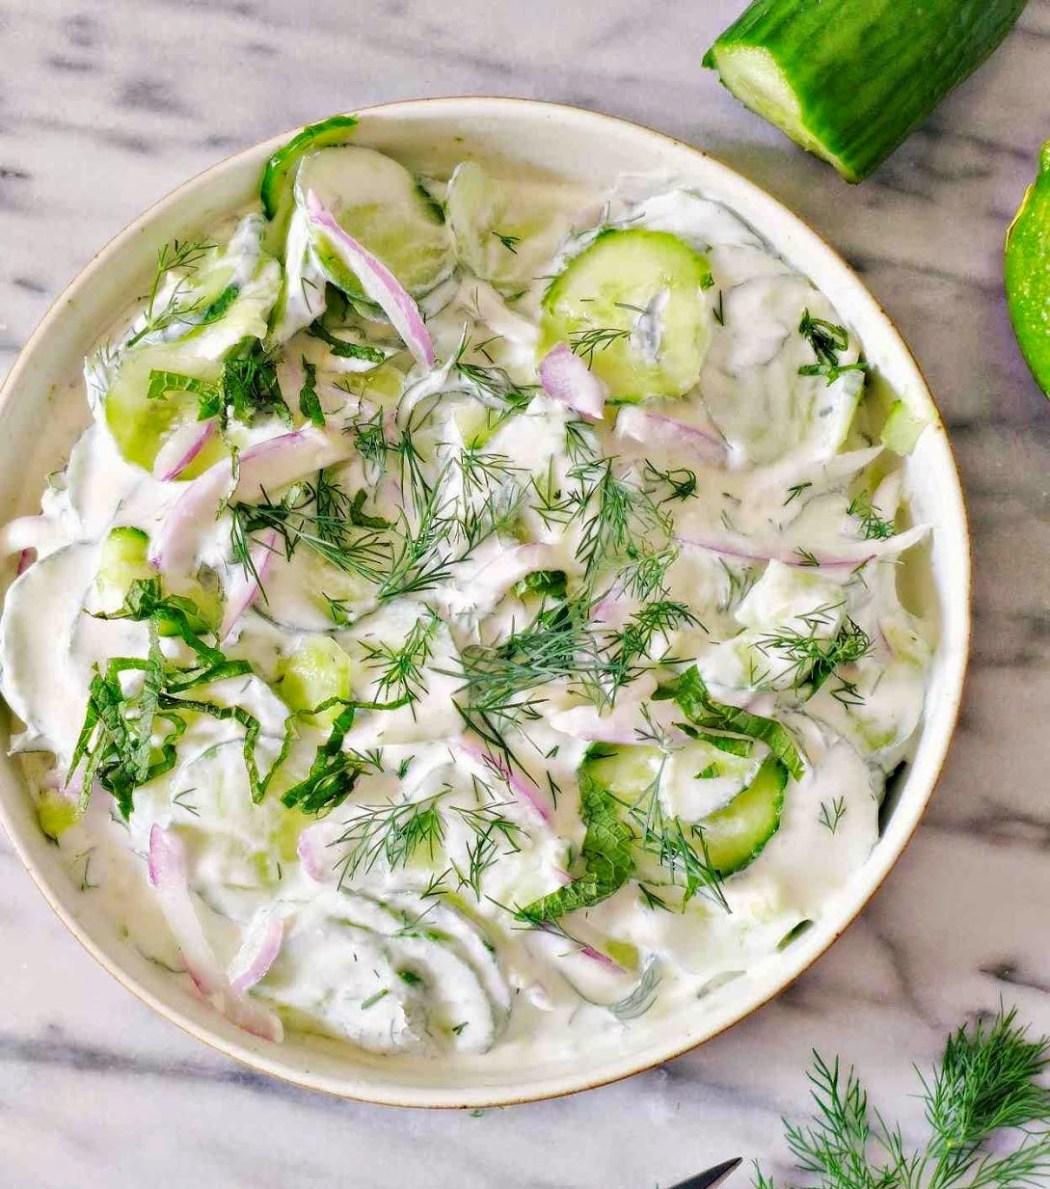 salade turque au concombre bd1